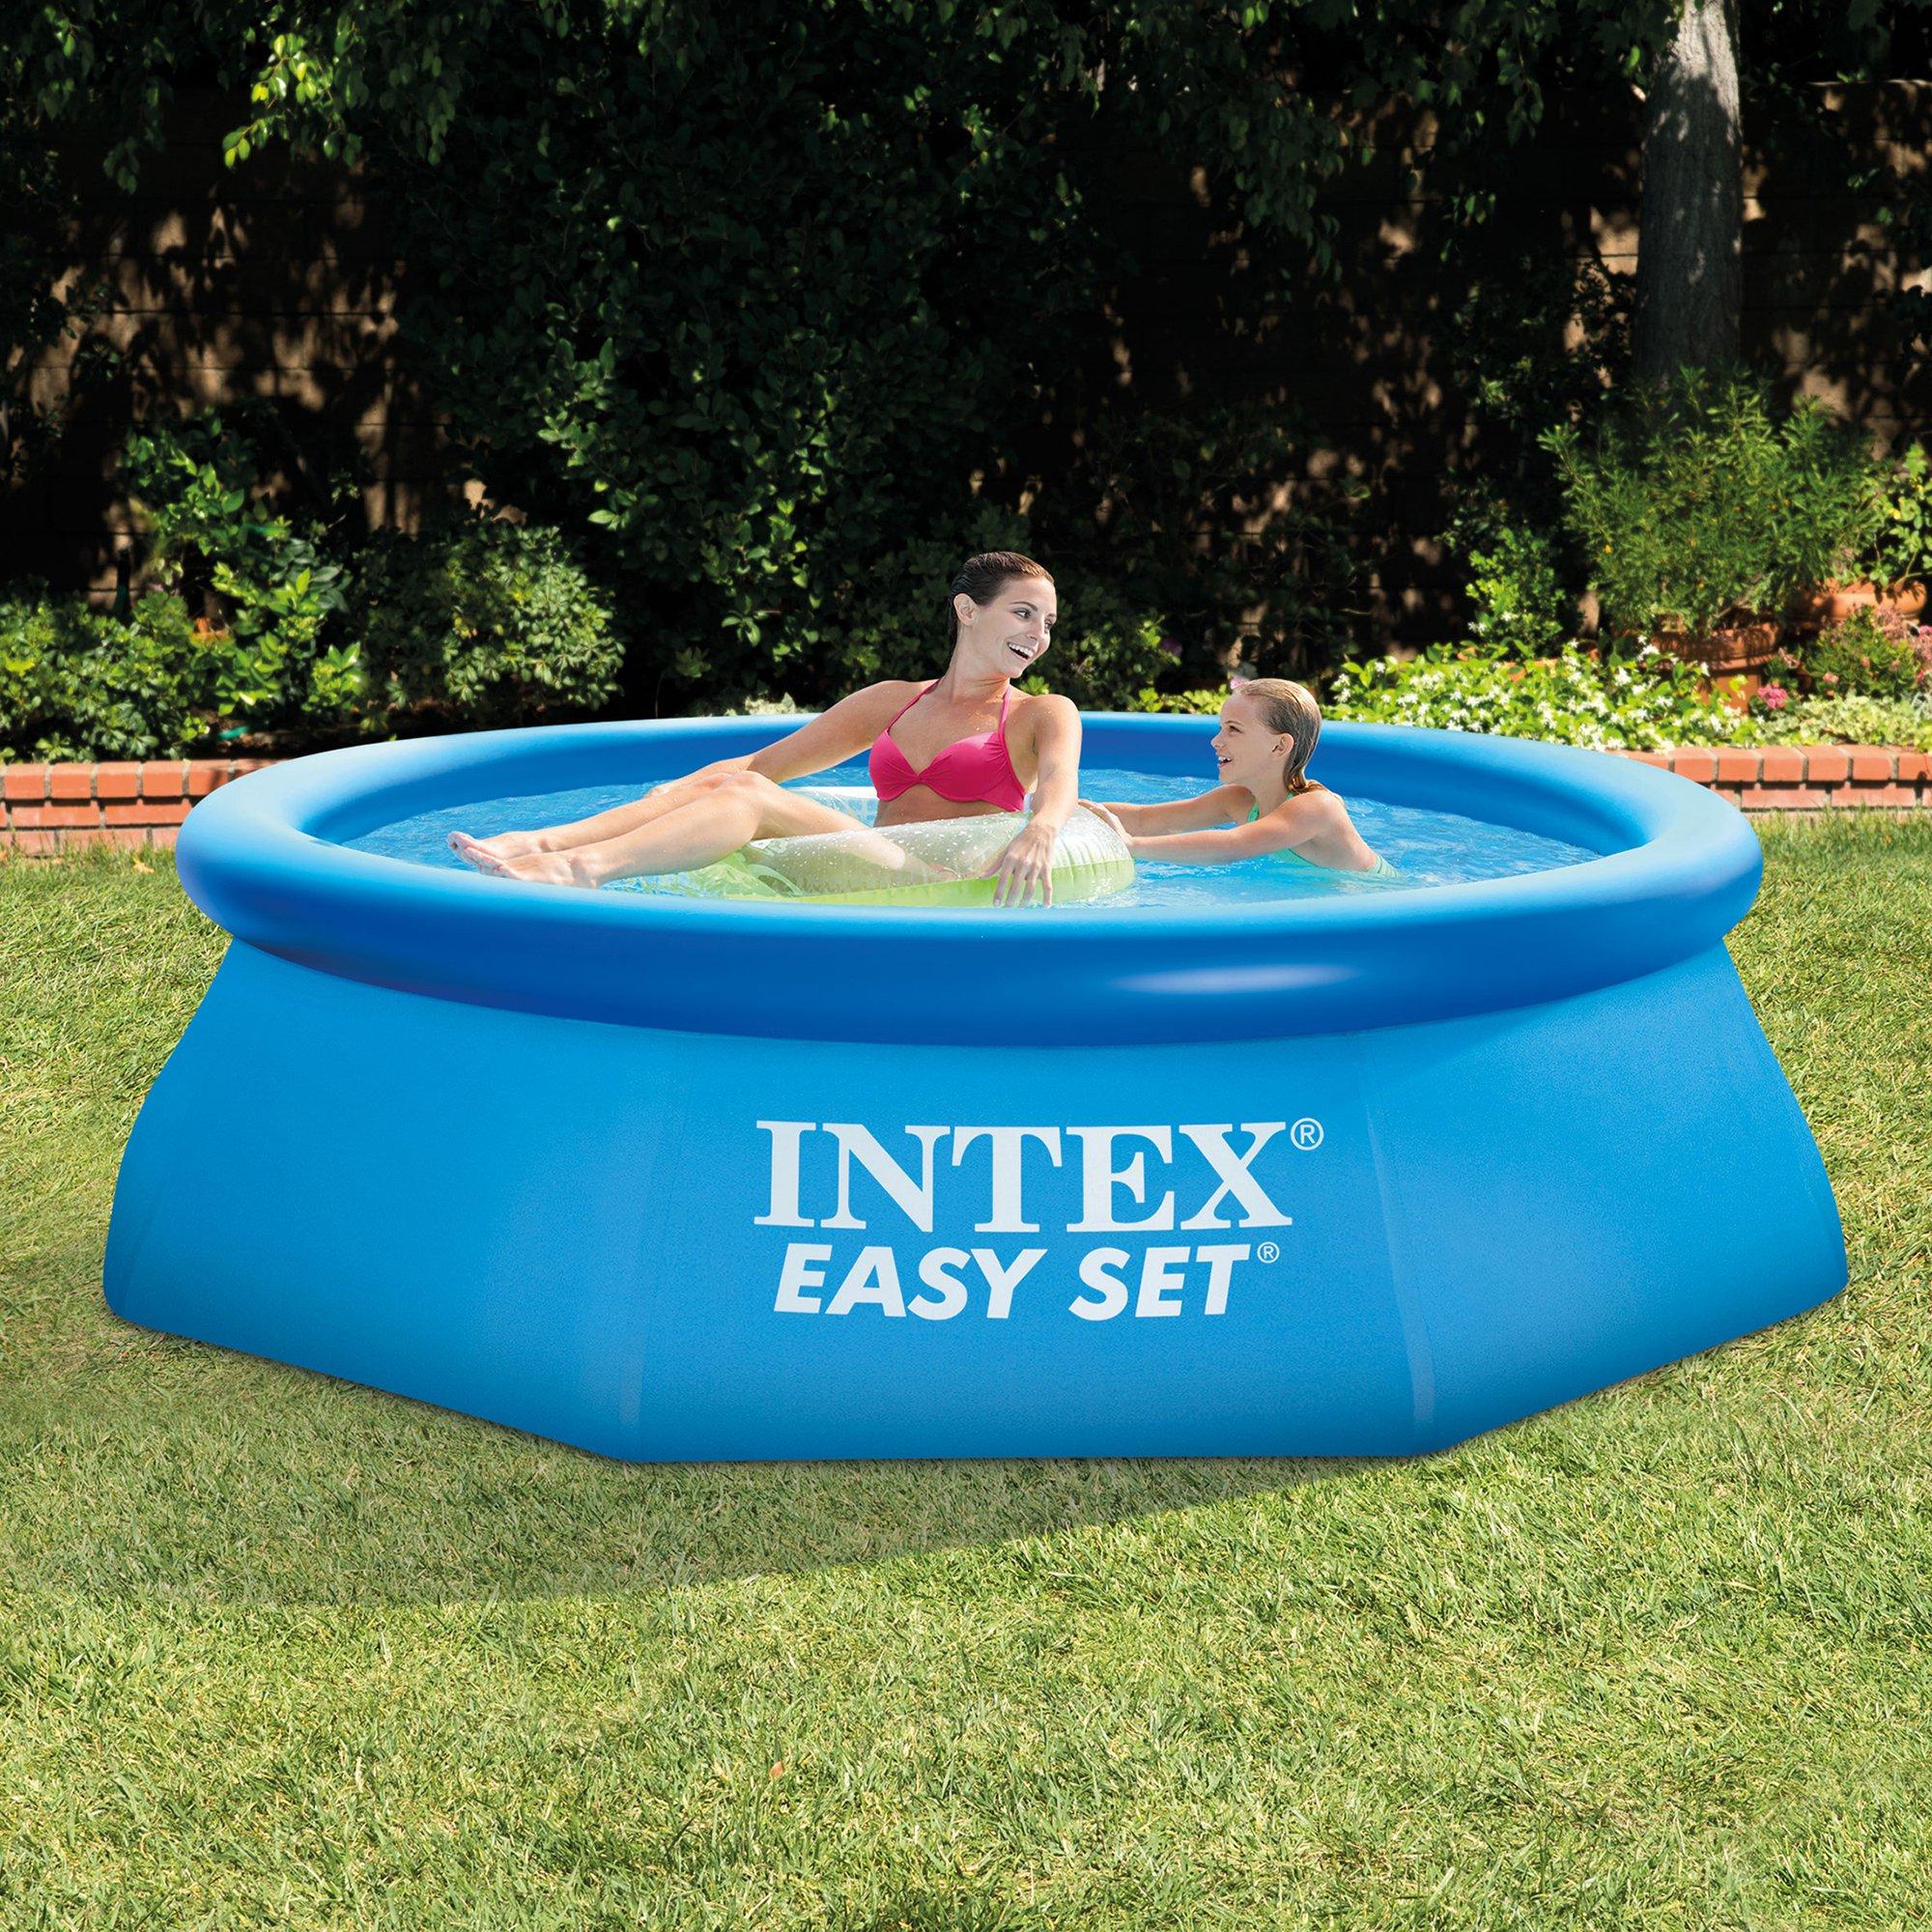 """Intex Pools intex 8' x 30"""" easy set swimming pool & 330 gph gfci filter pump"""